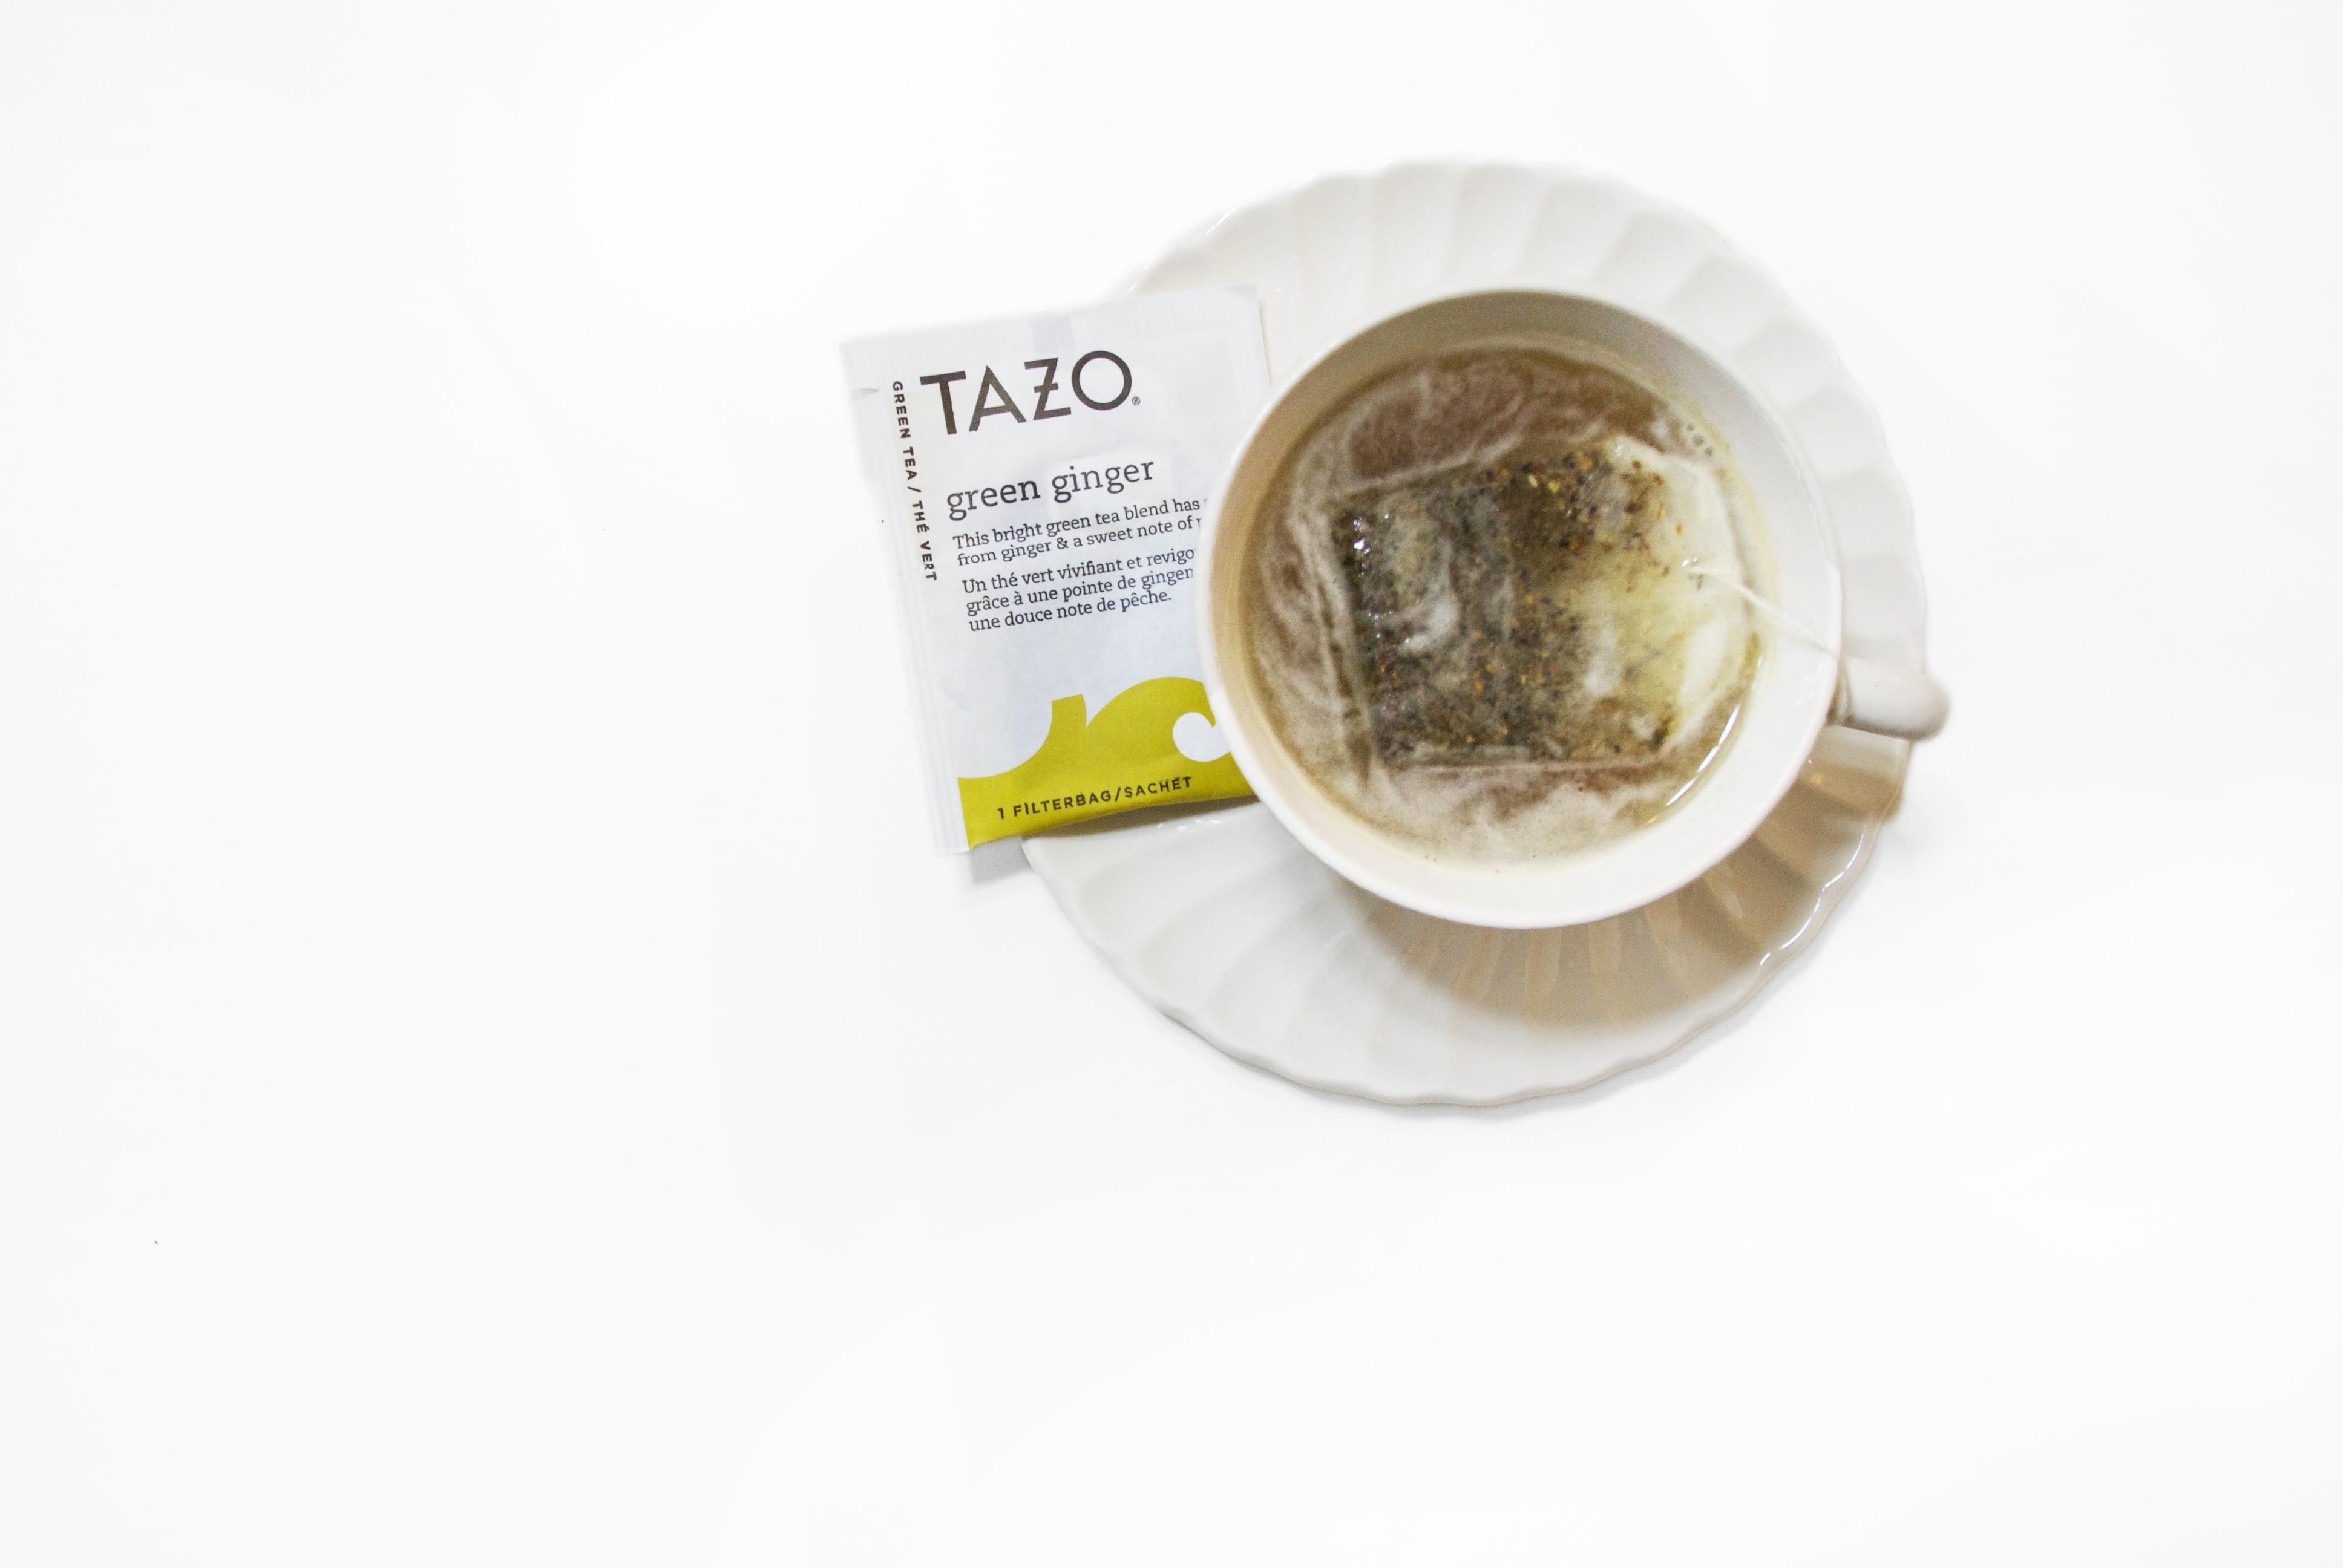 Tazo green ginger tea in tea cup